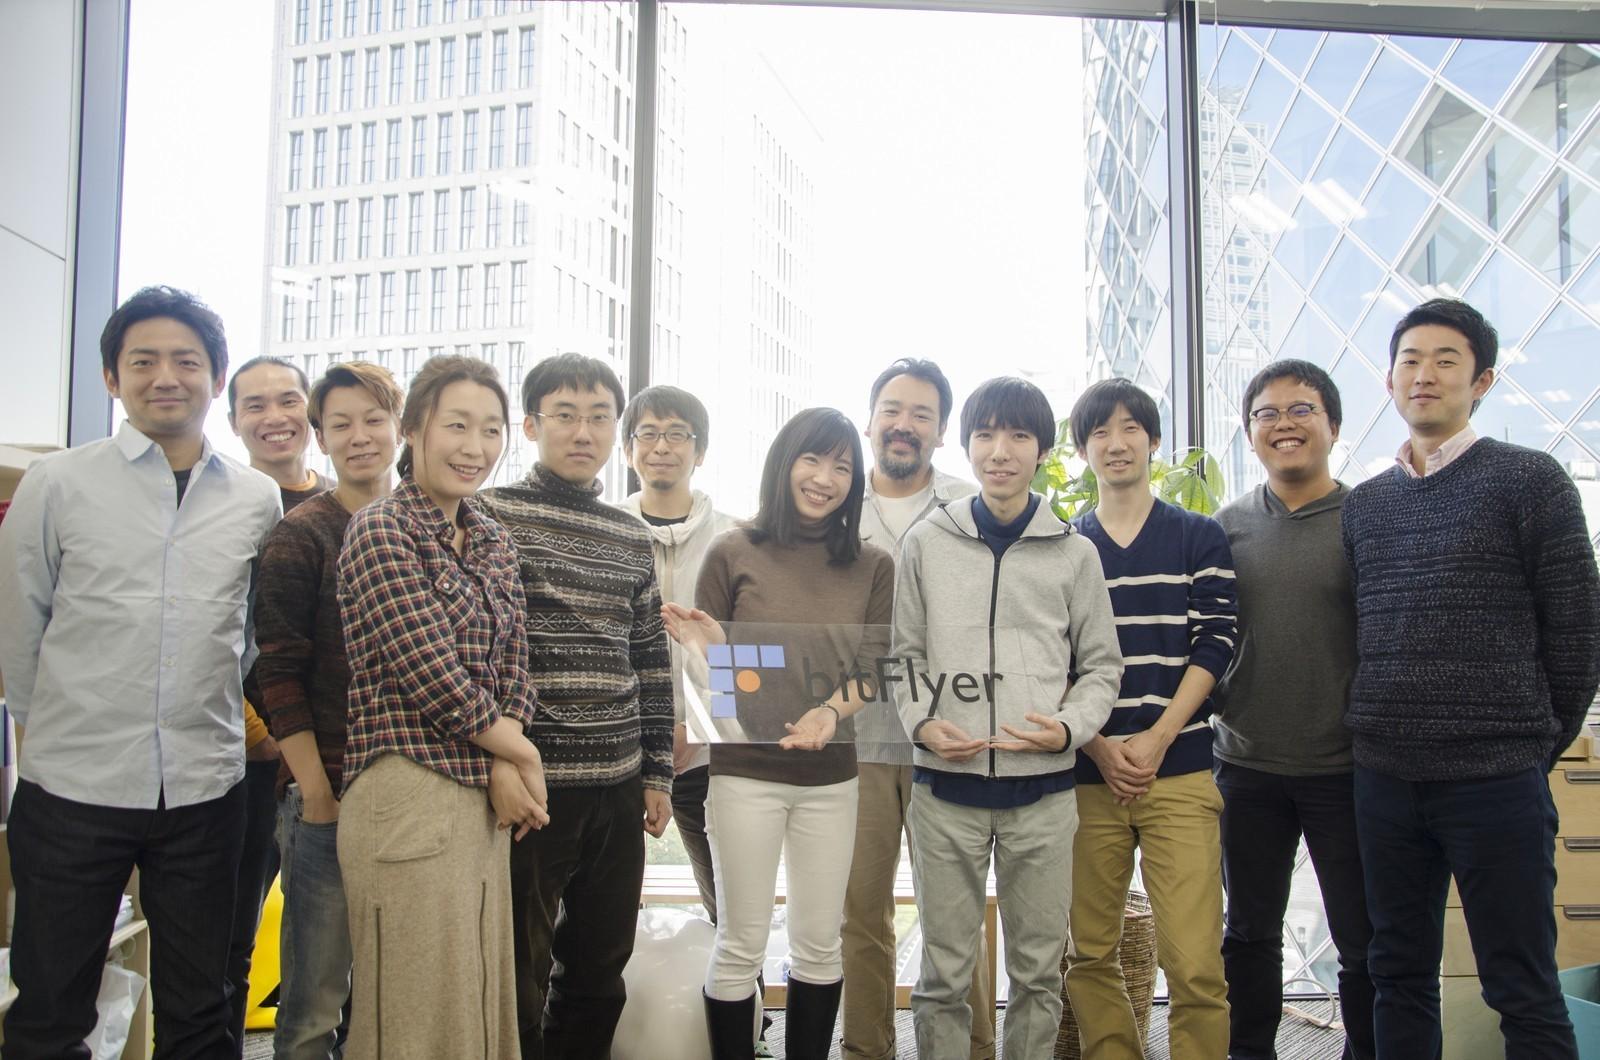 株式会社bitFlyer・30億円調達!日本最大のビットコイン企業、iOSアプリエンジニアを募集!!